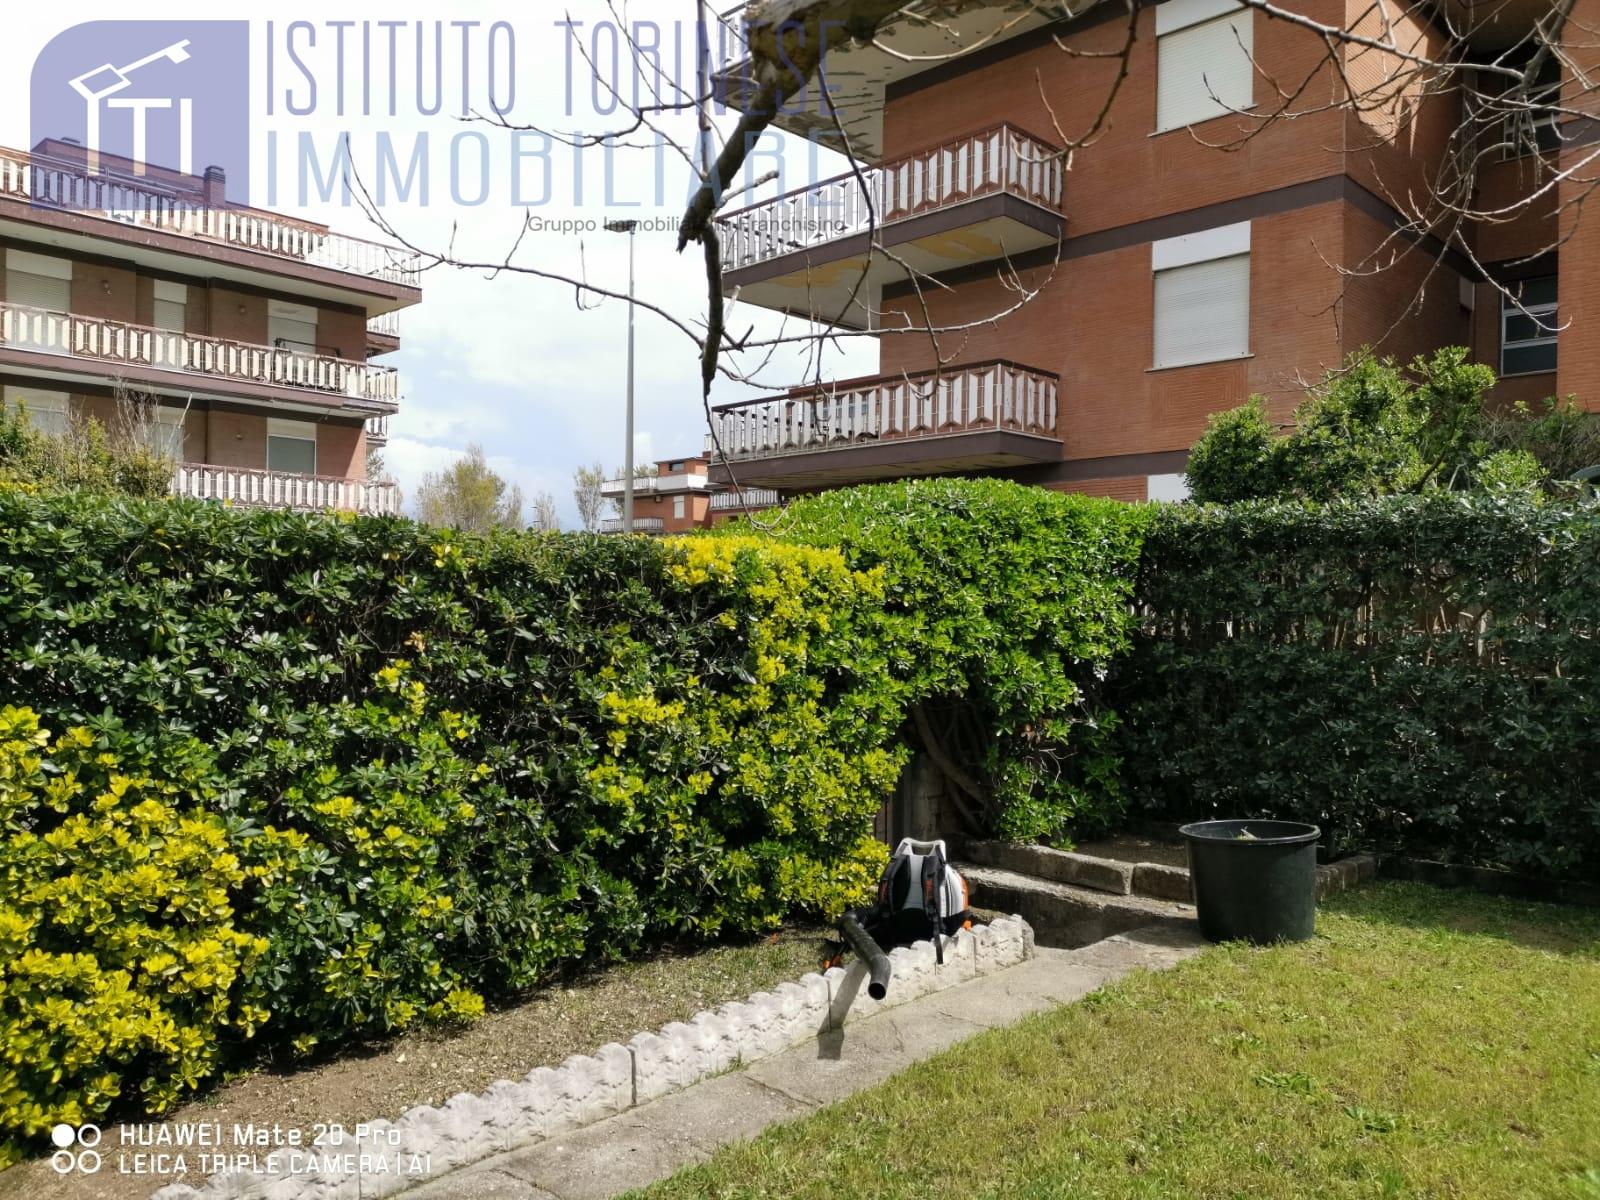 pomezia vendita quart: torvajanica istituto torinese immobiliare